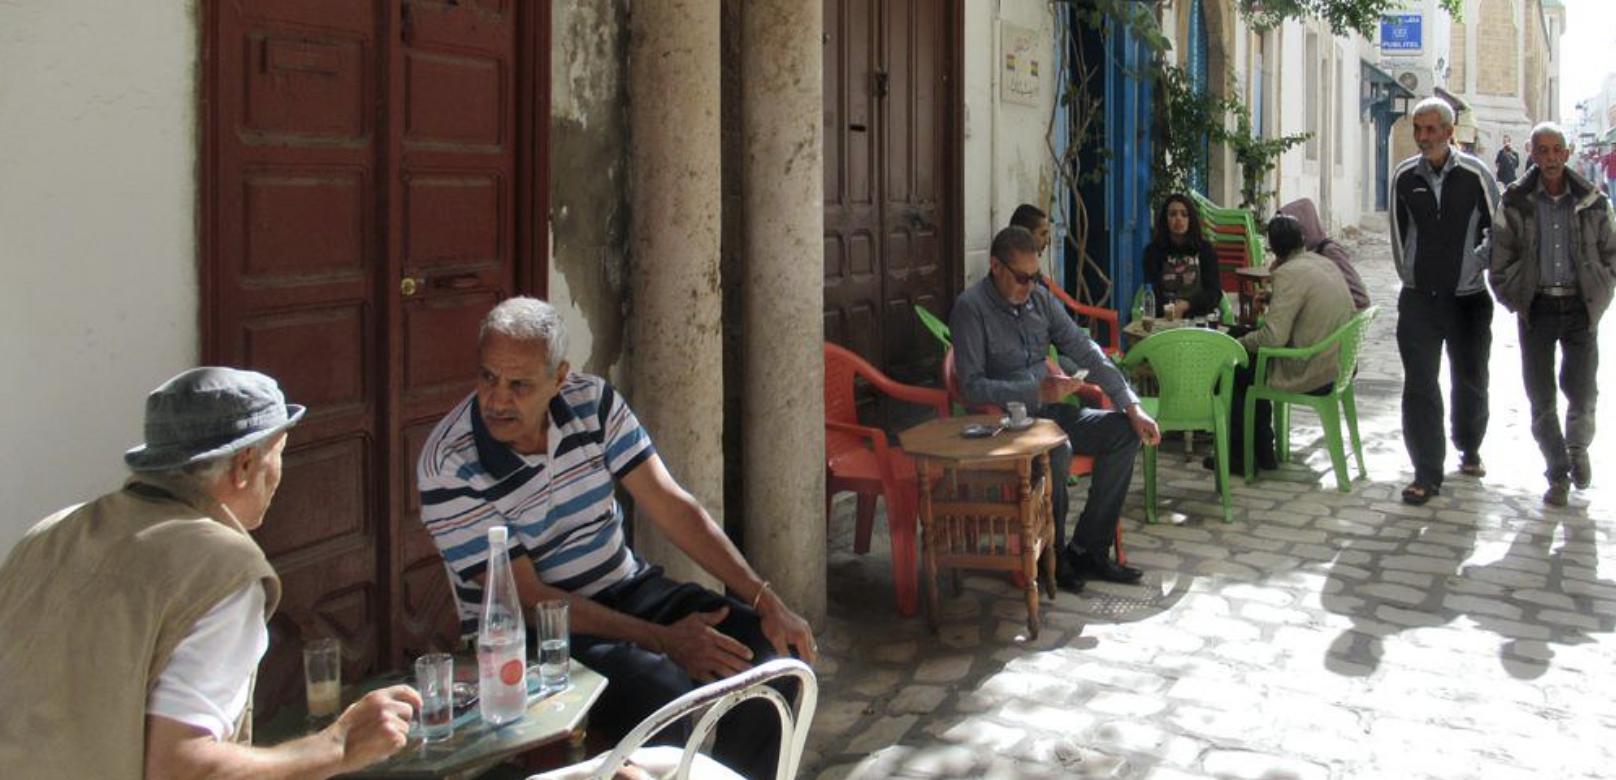 Tunisie : Quelle est la situation de l'emploi et du chômage ? Analyse